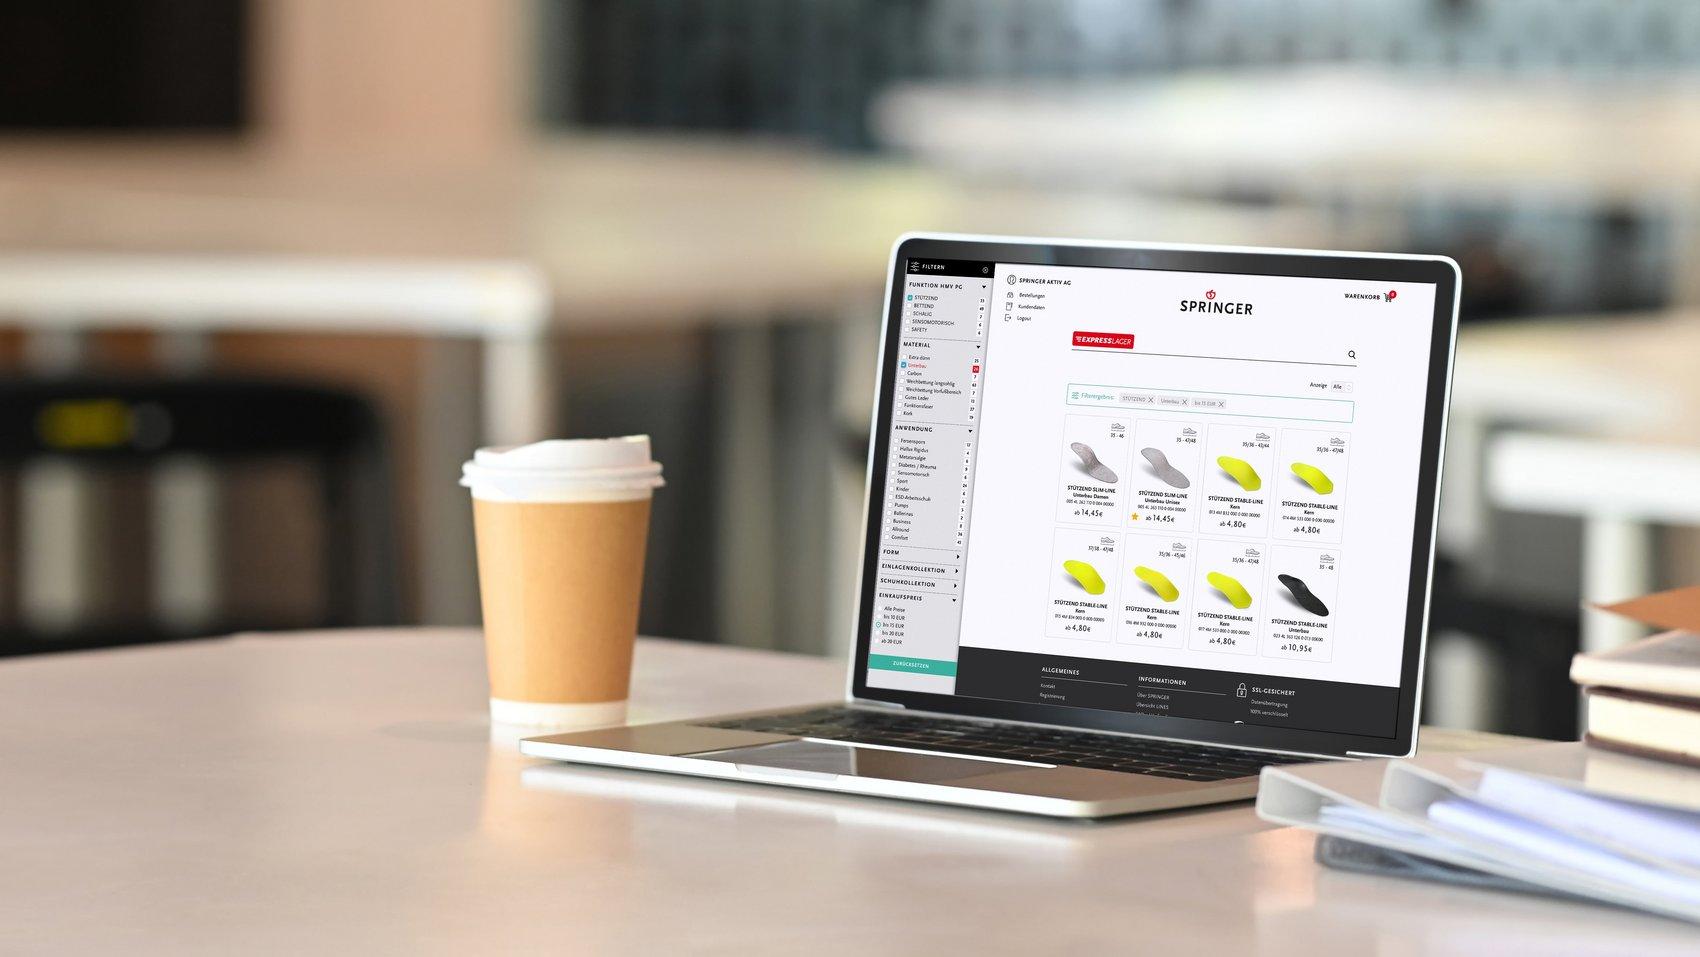 Webshop mit Inhouse-Anbindung – Nicht lang faxen, online wachsen!